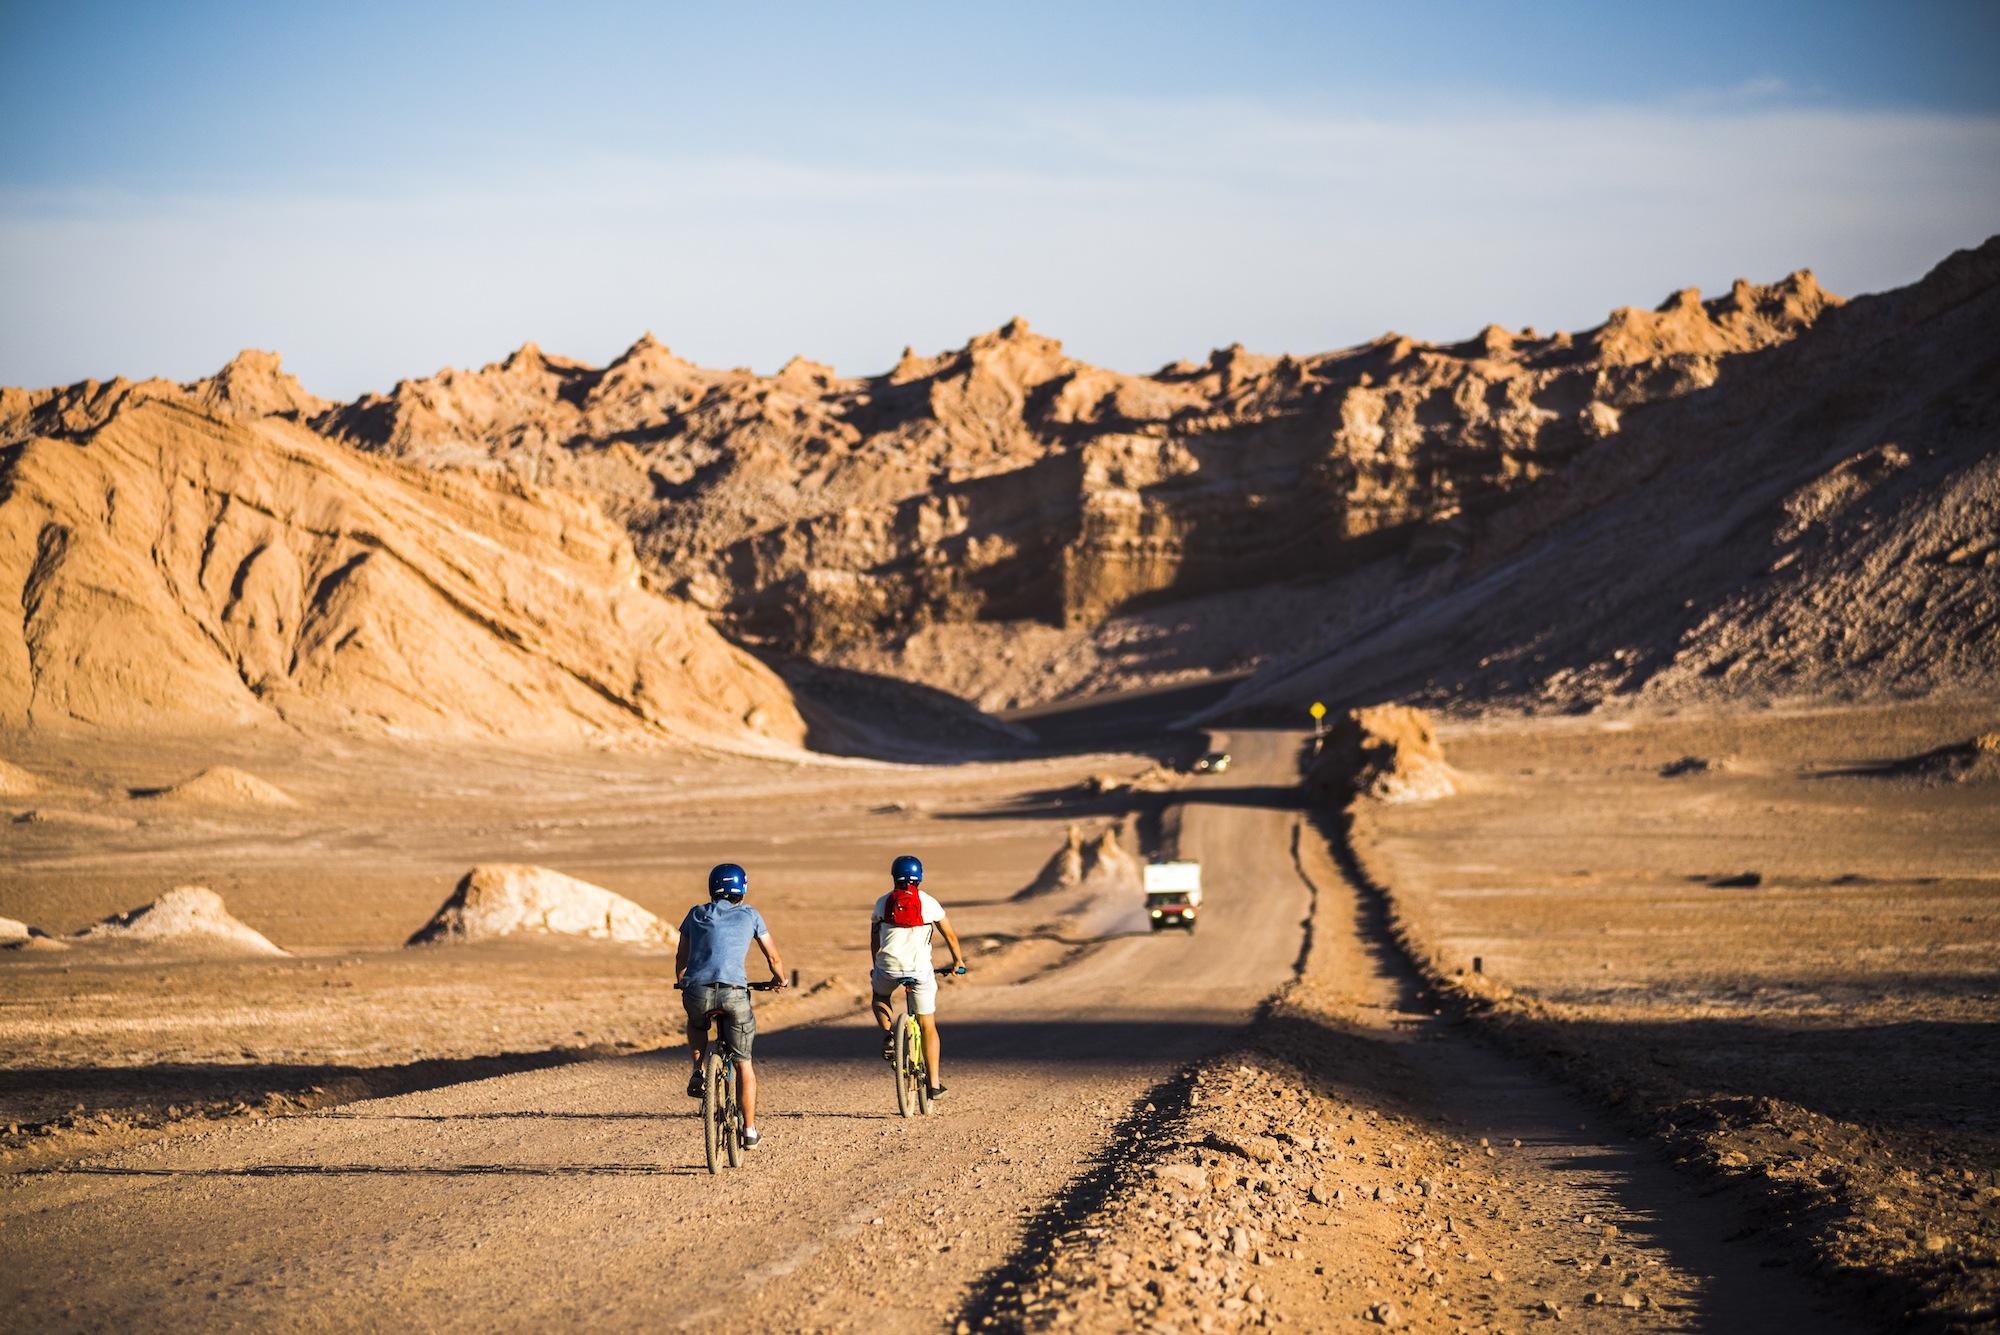 Cycling in Moon Valley (Valle de la Luna), Atacama Desert, North Chile